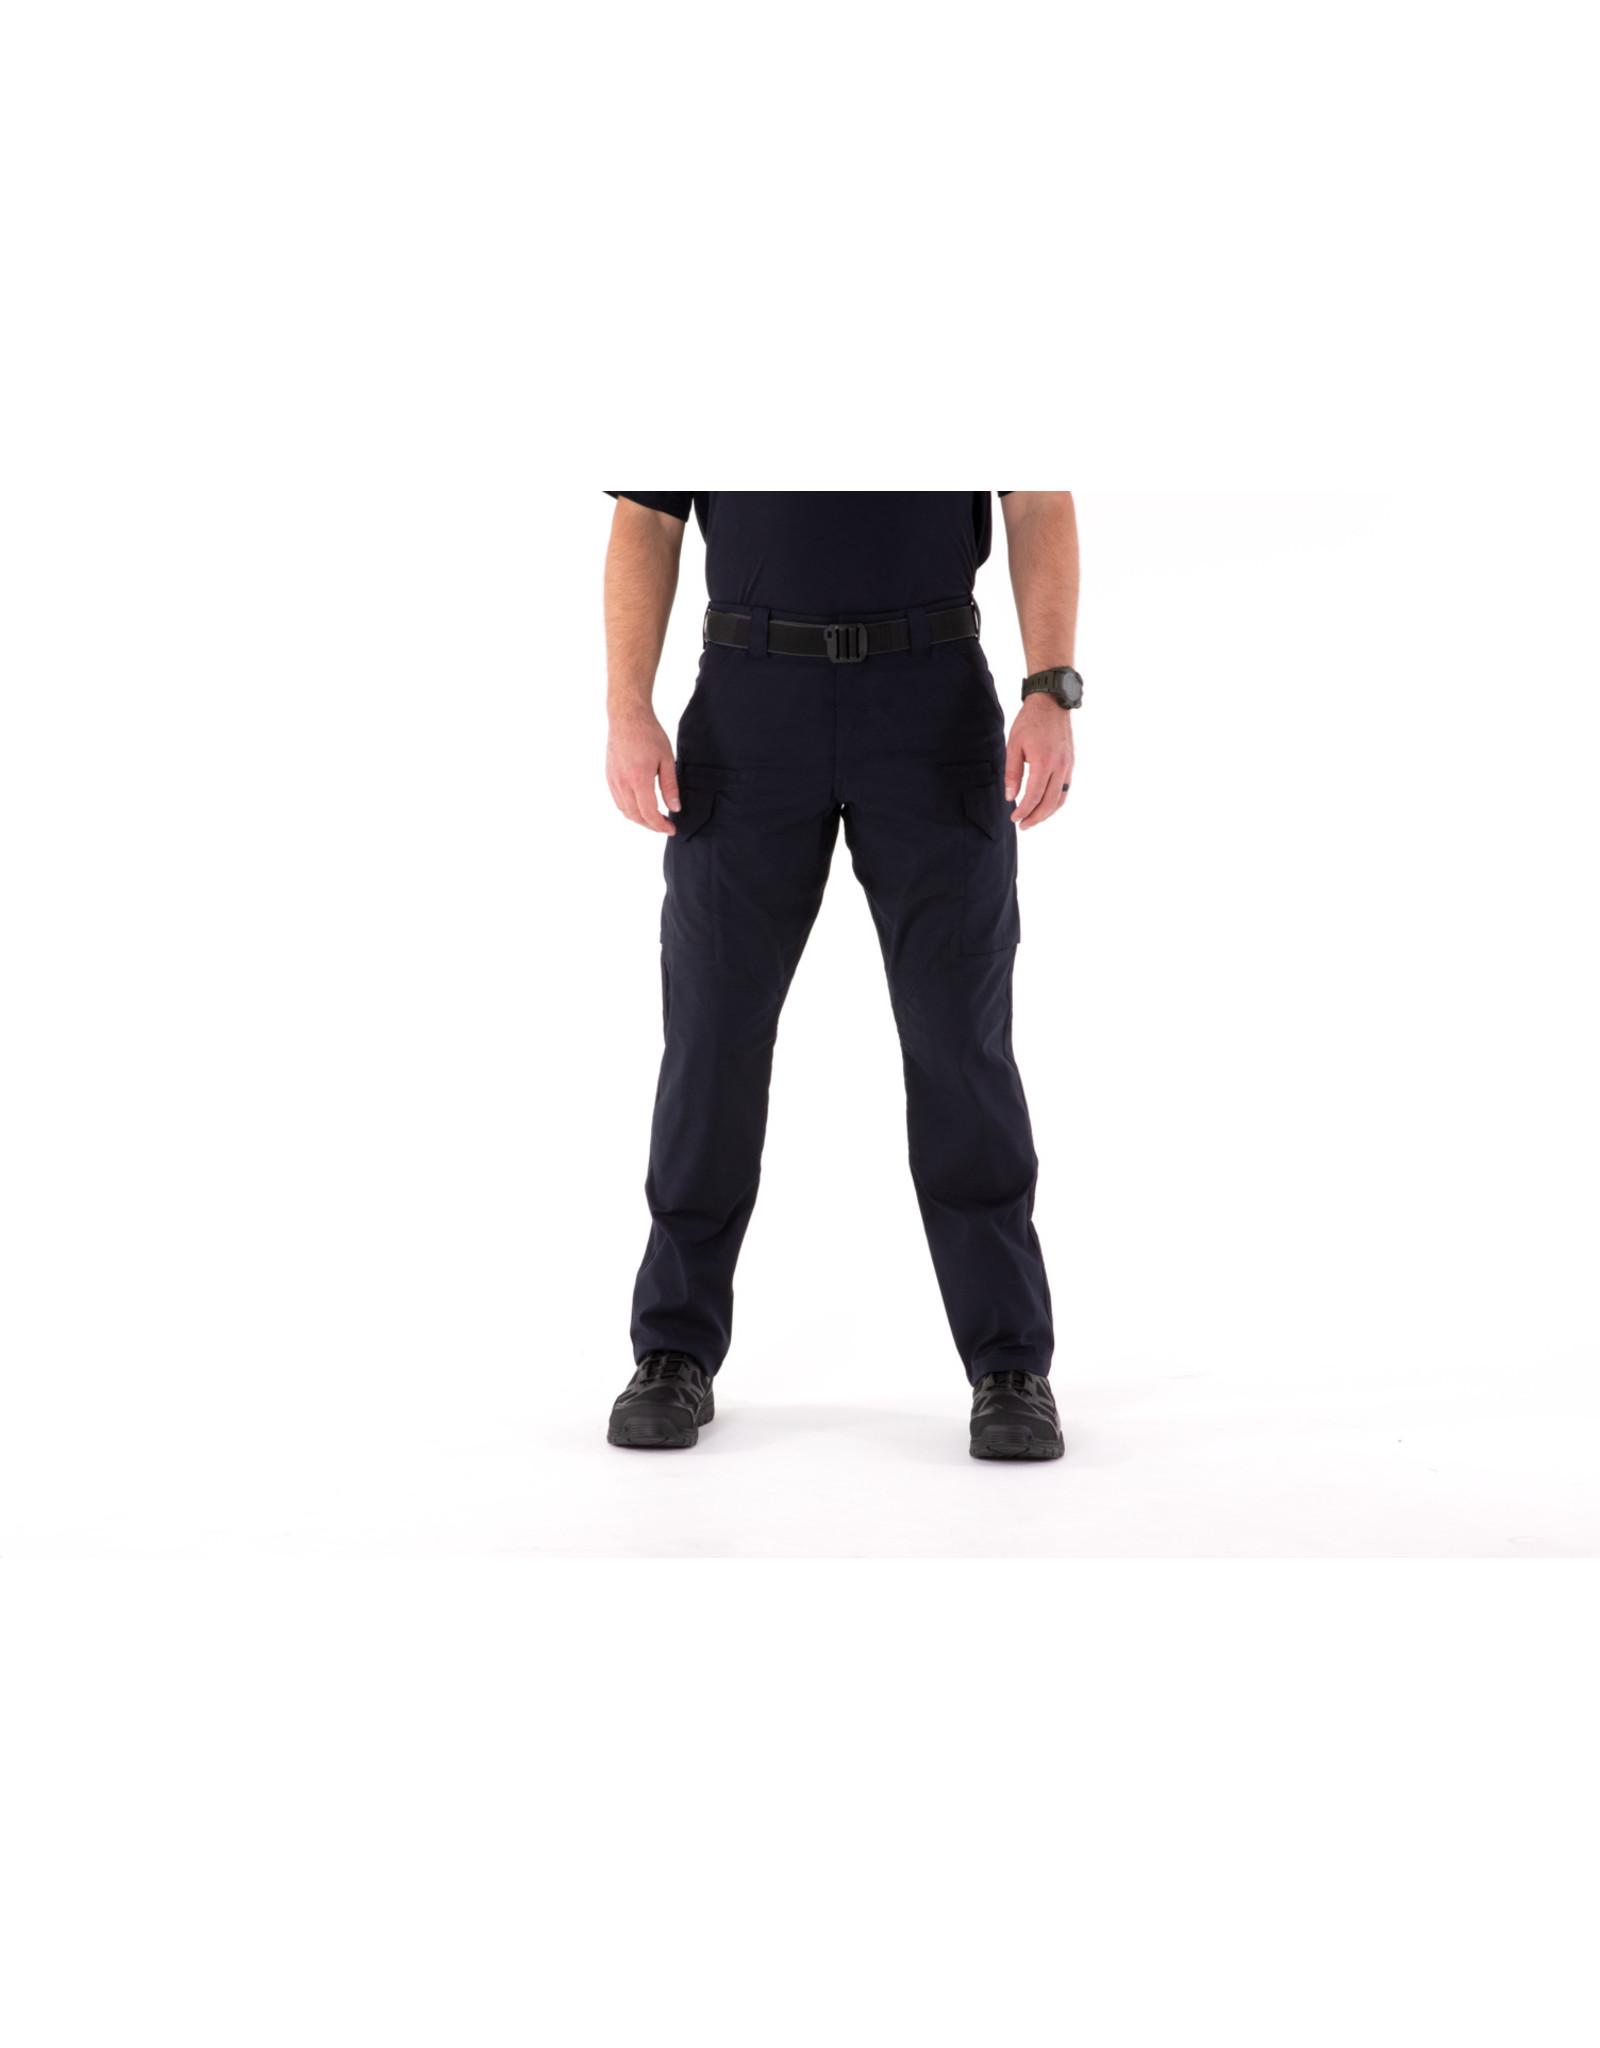 FIRST TACTICAL MENS' V2 TACTICAL PANTS